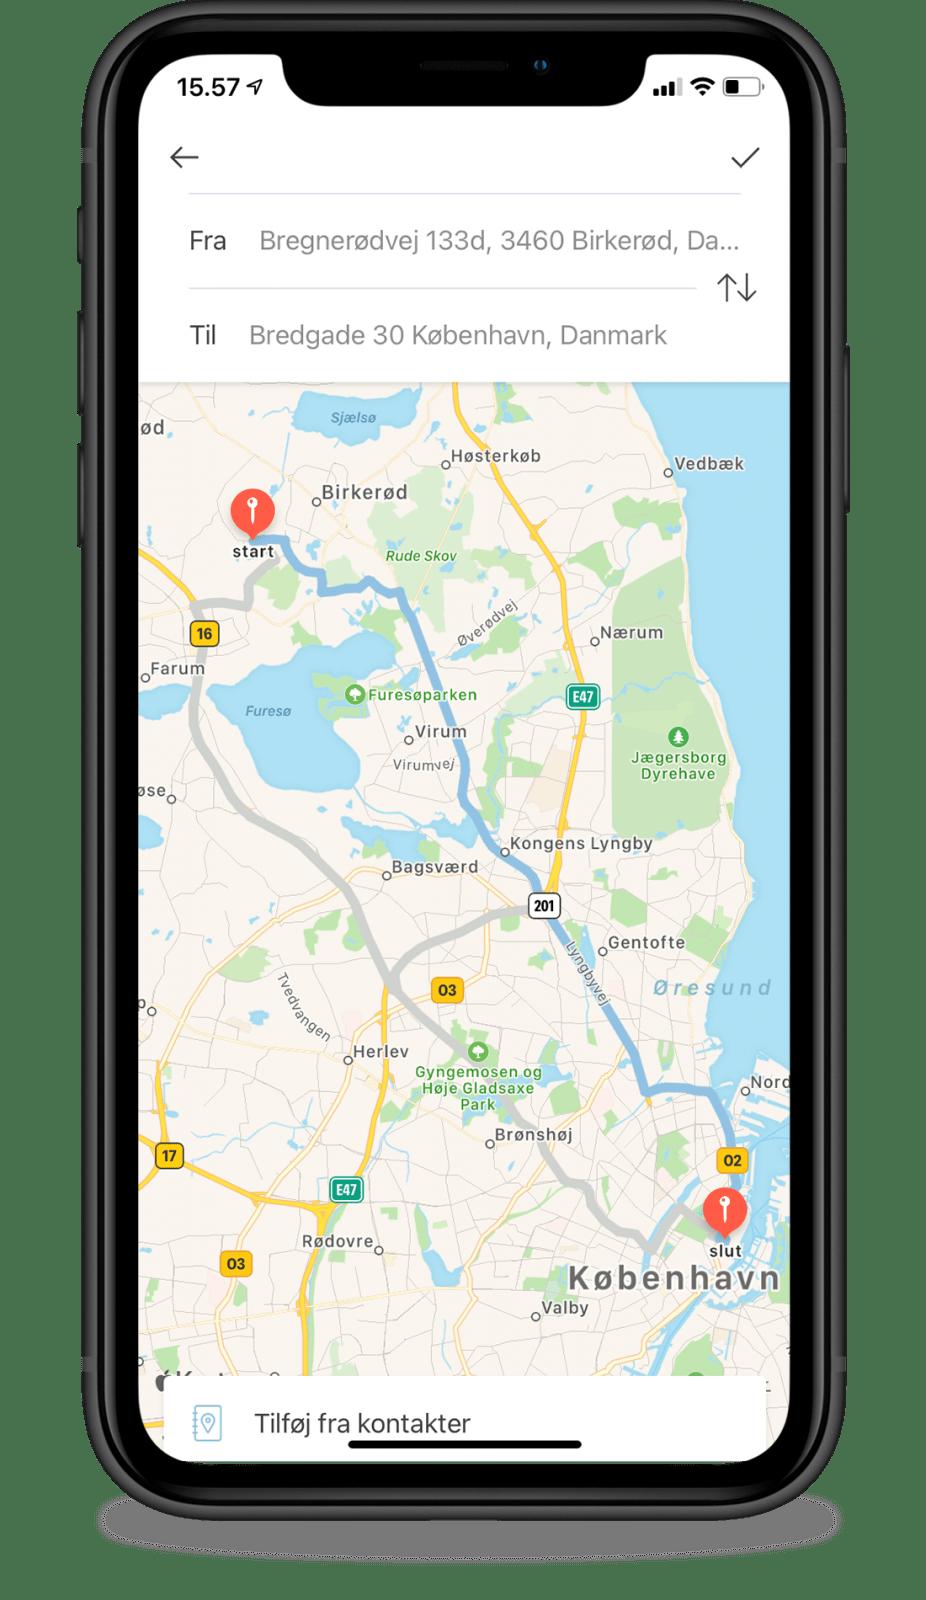 Manual mileage via Google Maps